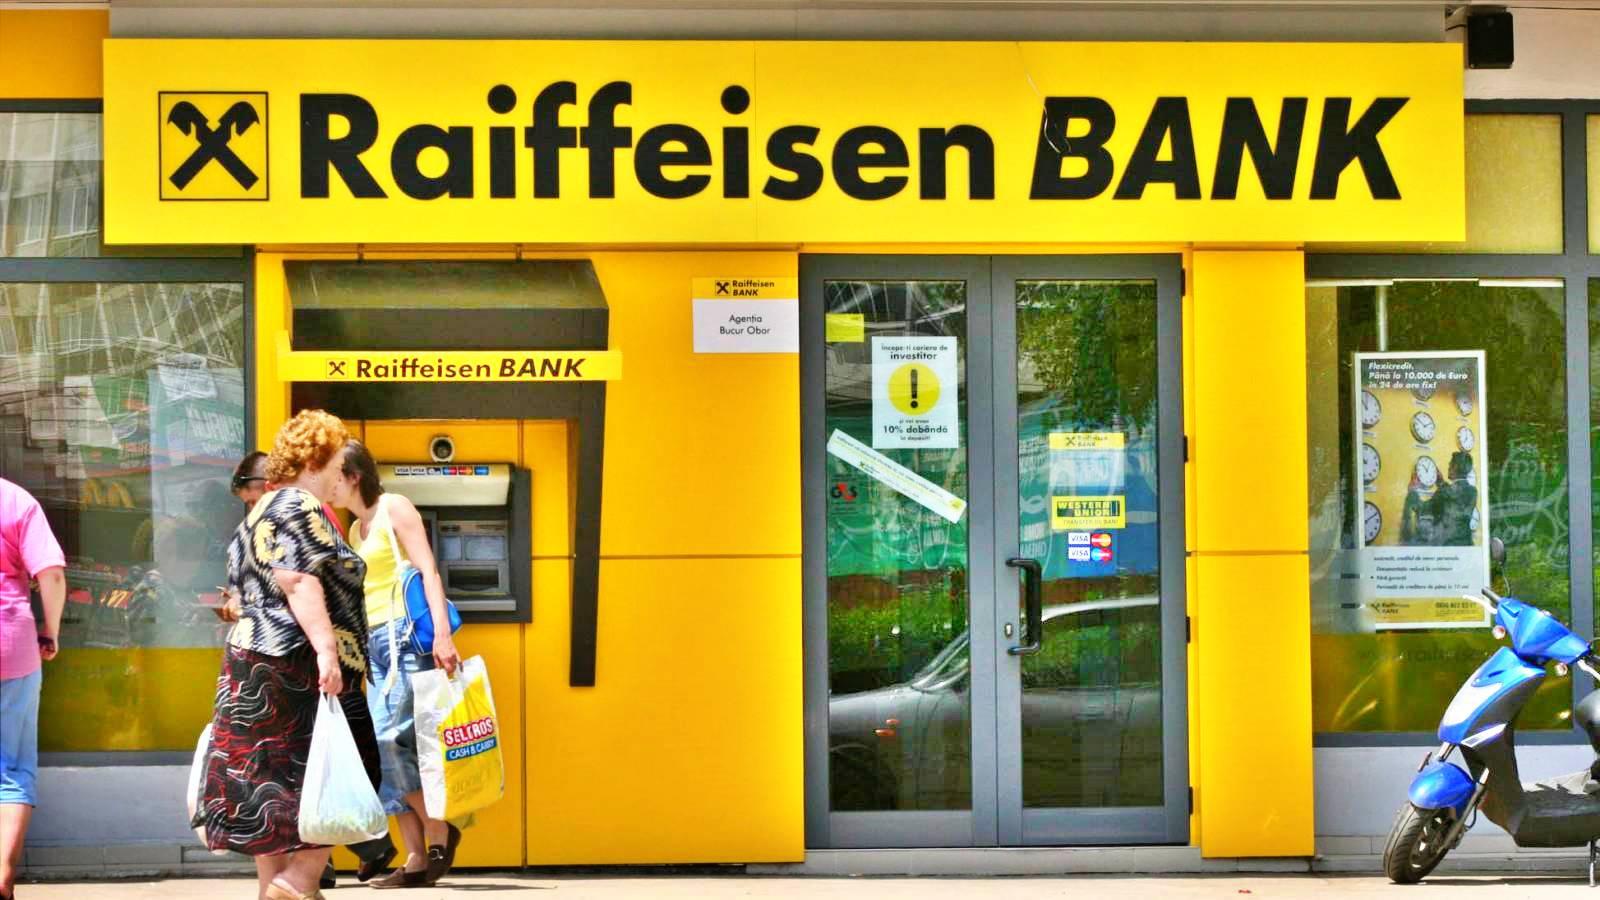 Raiffeisen Bank adevarat